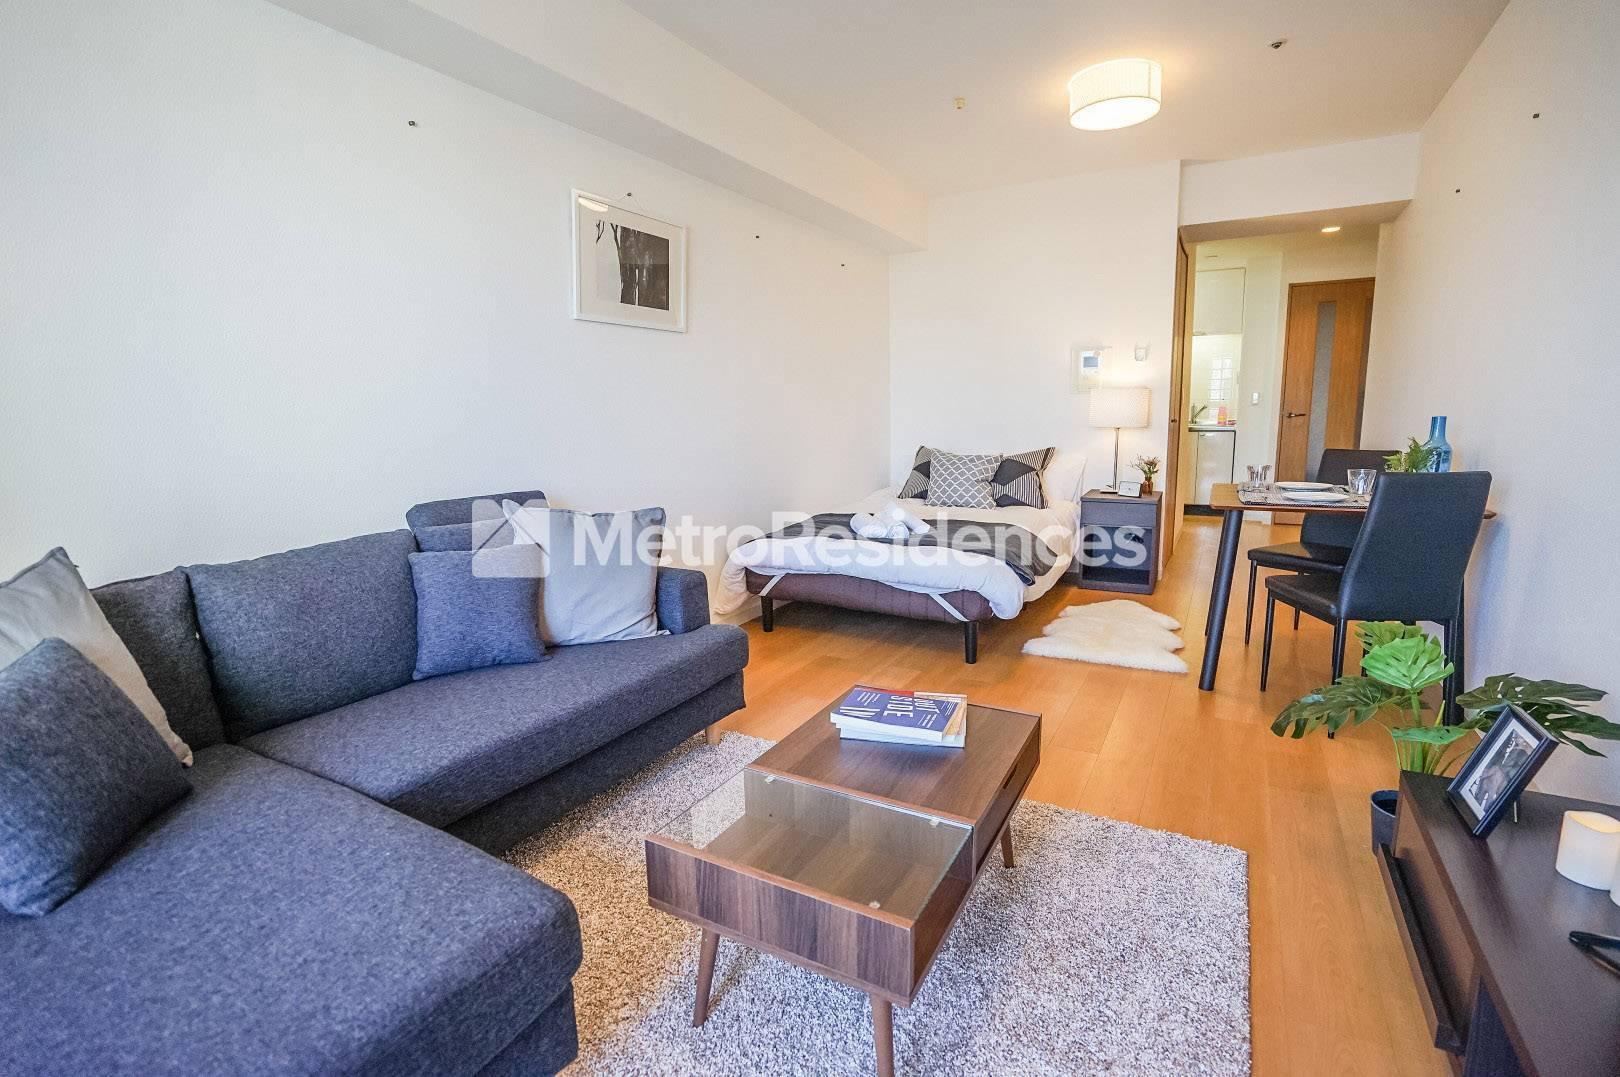 ホテルとサービスアパートメントの設備の違い:家具・家電などが完備